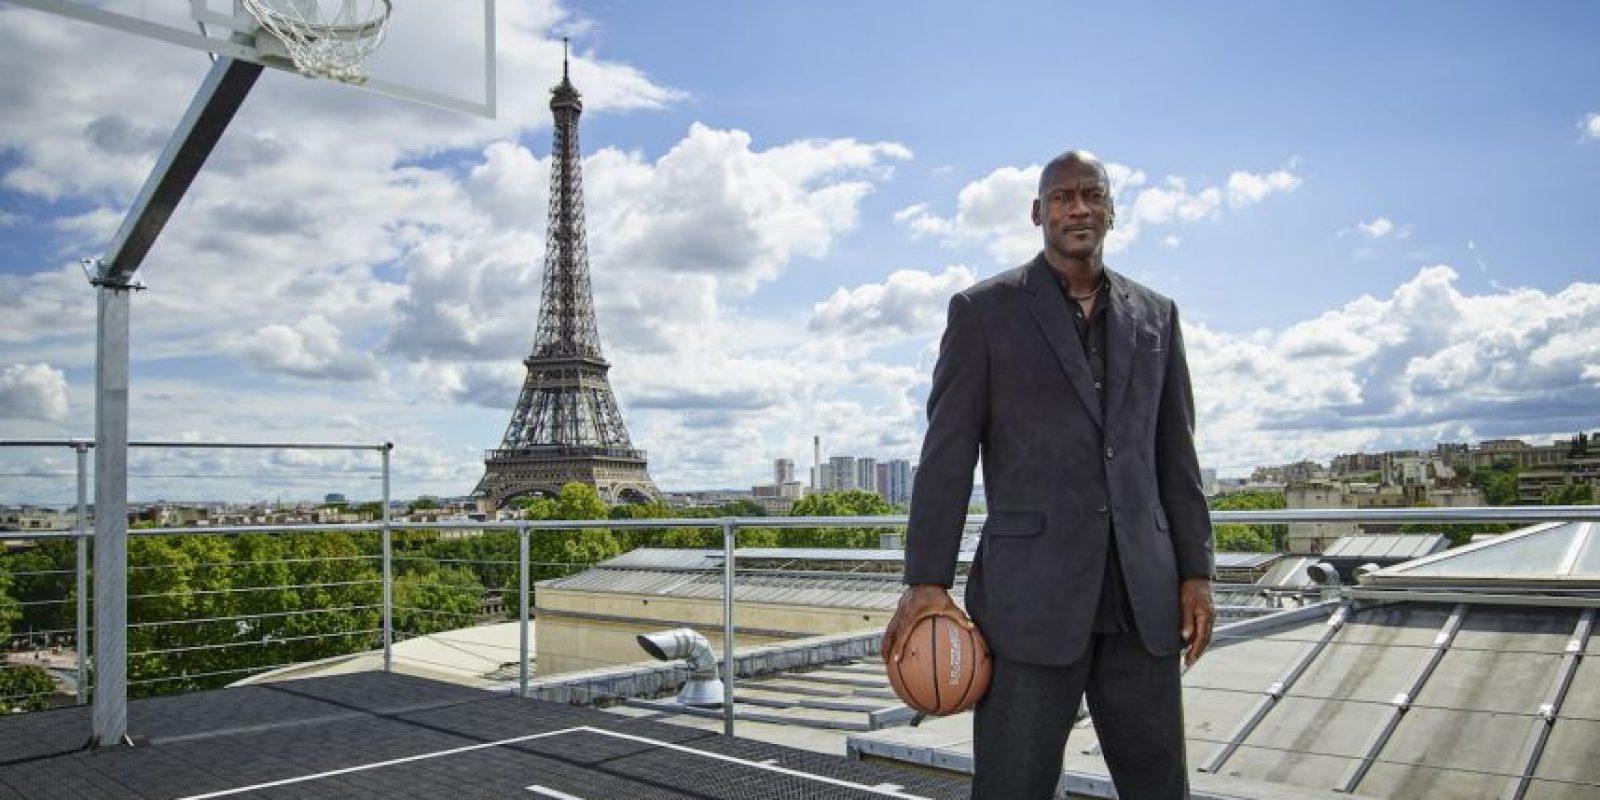 8. Es uno de los hombres más ricos del mundo, con una fortuna de mil millones de dólares Foto:Getty Images